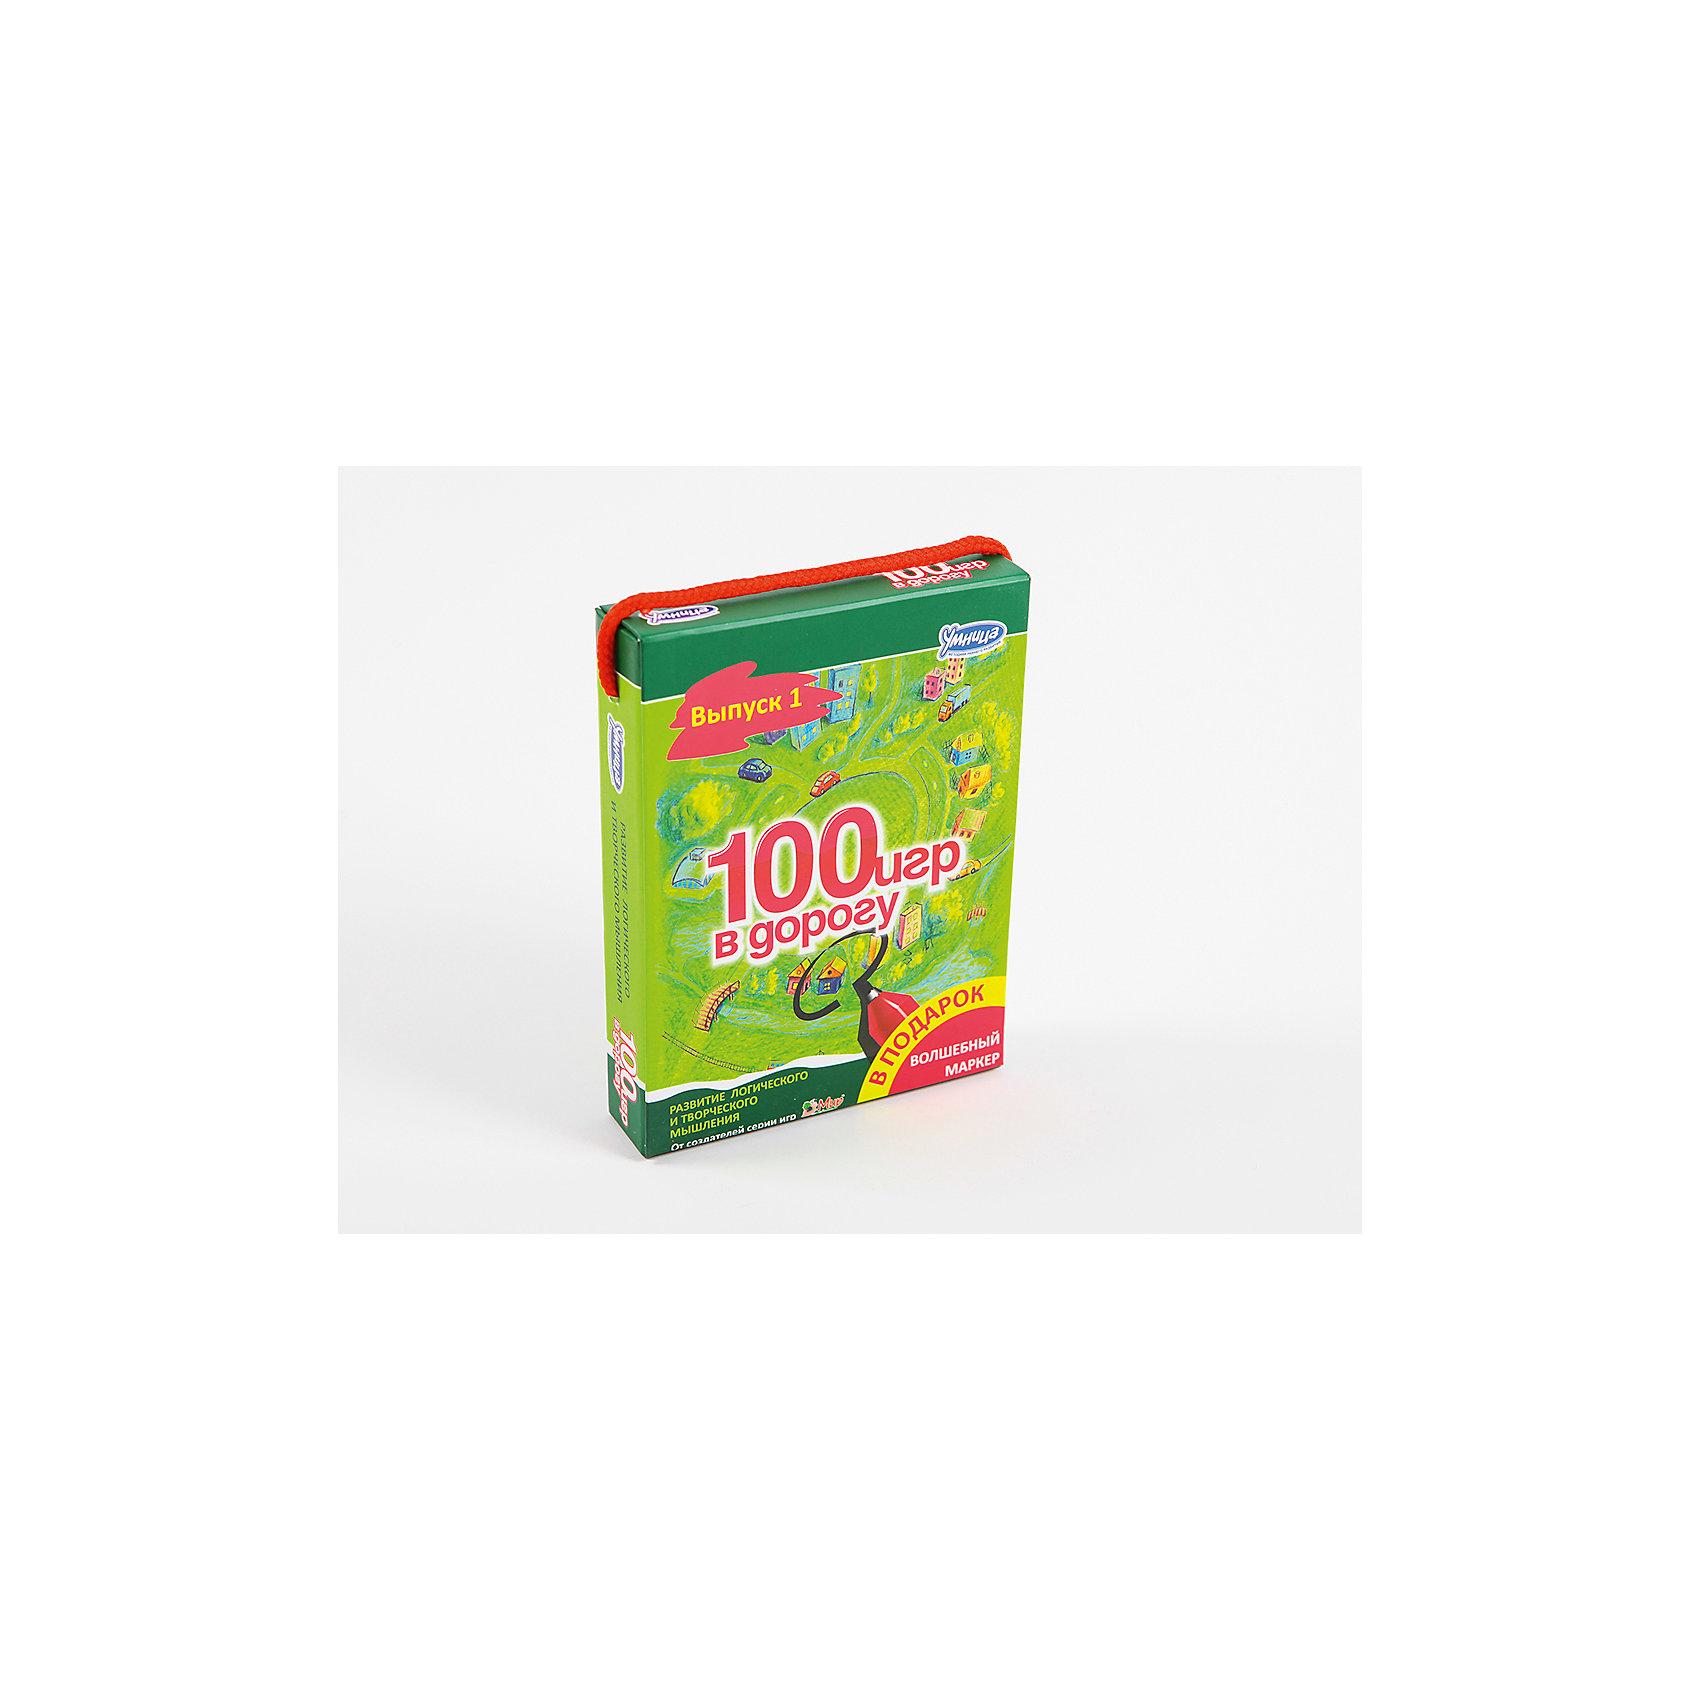 Комплект карточек 100 игр в дорогу (зеленый)Комплект карточек 100 игр в дорогу (зеленый) - это идеальный комплект для того, чтобы увлечь полезным занятием вашего ребенка.<br>Простой и интересный комплект для развития логического и творческого мышления, изобретательности и воображения ребёнка посредством увлекательных заданий на карточках. В комплекте собраны 100 интересных заданий на сообразительность, от самых простых к более сложным. Важно знать, что не все из этих заданий имеют единственный правильный ответ. Для развития фантазии и смекалки некоторые игры можно решить множеством способов. Все игры-головоломки представлены на двусторонних карточках, которые отличаются качественной ламинацией и скруглёнными краями. Такие карточки долговечны и безопасны для ребёнка, они удобно помещаются в детскую руку и порадуют малыша своими яркими и симпатичными иллюстрациями. Упаковка представляет собой прочную сумочку с верёвочными ручками, она идеальна для любых путешествий и очень нравится малышам. Комплект можно с собой в дорогу, на дачу, пляж, в поликлинику. Комплекты карточек серии 100 игр в дорогу одинаковые по уровню сложности и характеру заданий, однако все игры в них – разные! Вы можете смело заказывать все три комплекта этой серии – будьте уверены, карточки не повторятся, и играть малышу будет ещё интереснее.<br><br>Дополнительная информация:<br><br>- В комплекте: карточки с заданиями 50 шт., маркер<br>- Материал: картон<br>- Размер упаковки: 11,5 х 3 х 15,5 см.<br>- Вес: 330 гр.<br><br>Комплект карточек 100 игр в дорогу (зеленый) можно купить в нашем интернет-магазине.<br><br>Ширина мм: 115<br>Глубина мм: 30<br>Высота мм: 155<br>Вес г: 330<br>Возраст от месяцев: 24<br>Возраст до месяцев: 84<br>Пол: Унисекс<br>Возраст: Детский<br>SKU: 4200800